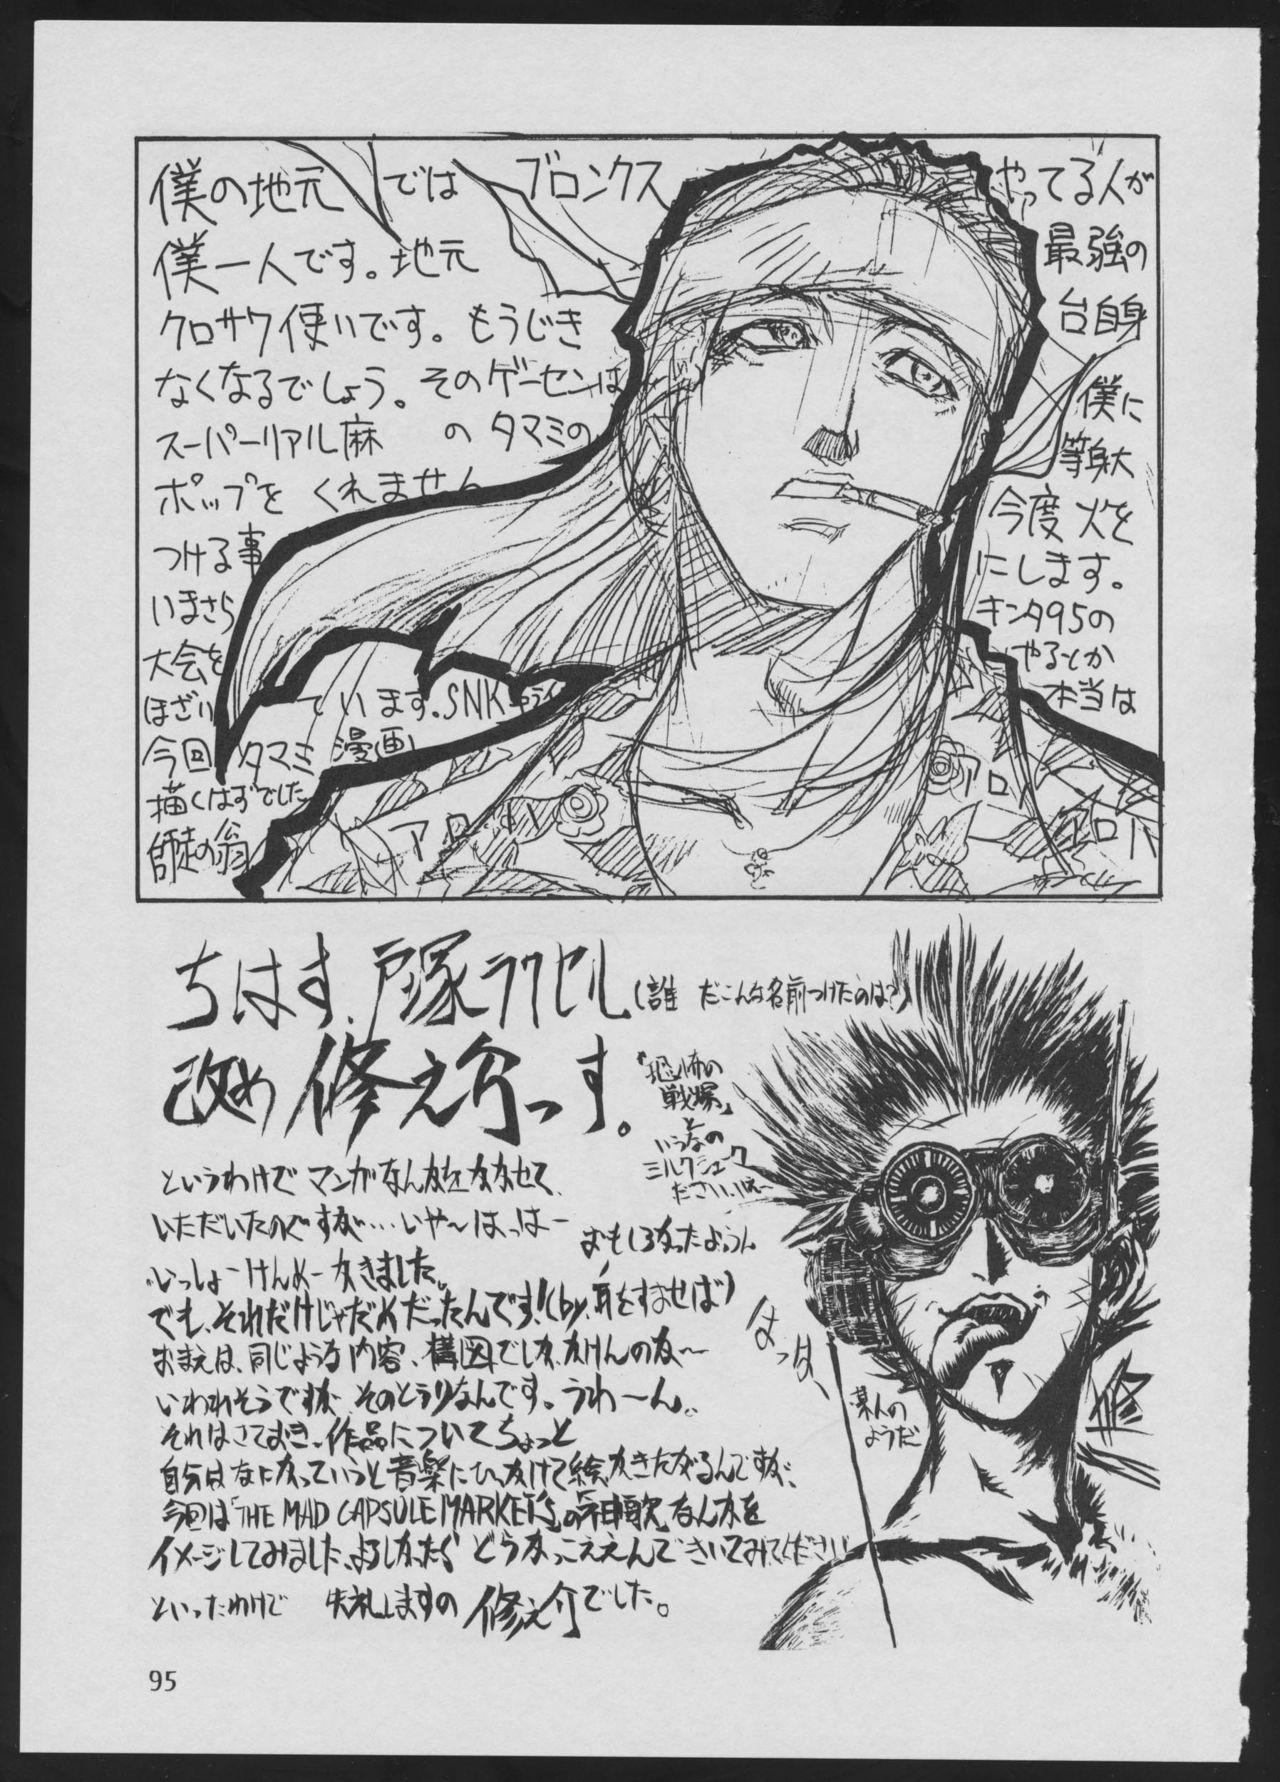 '96 Natsu no Game 18-kin Special 94